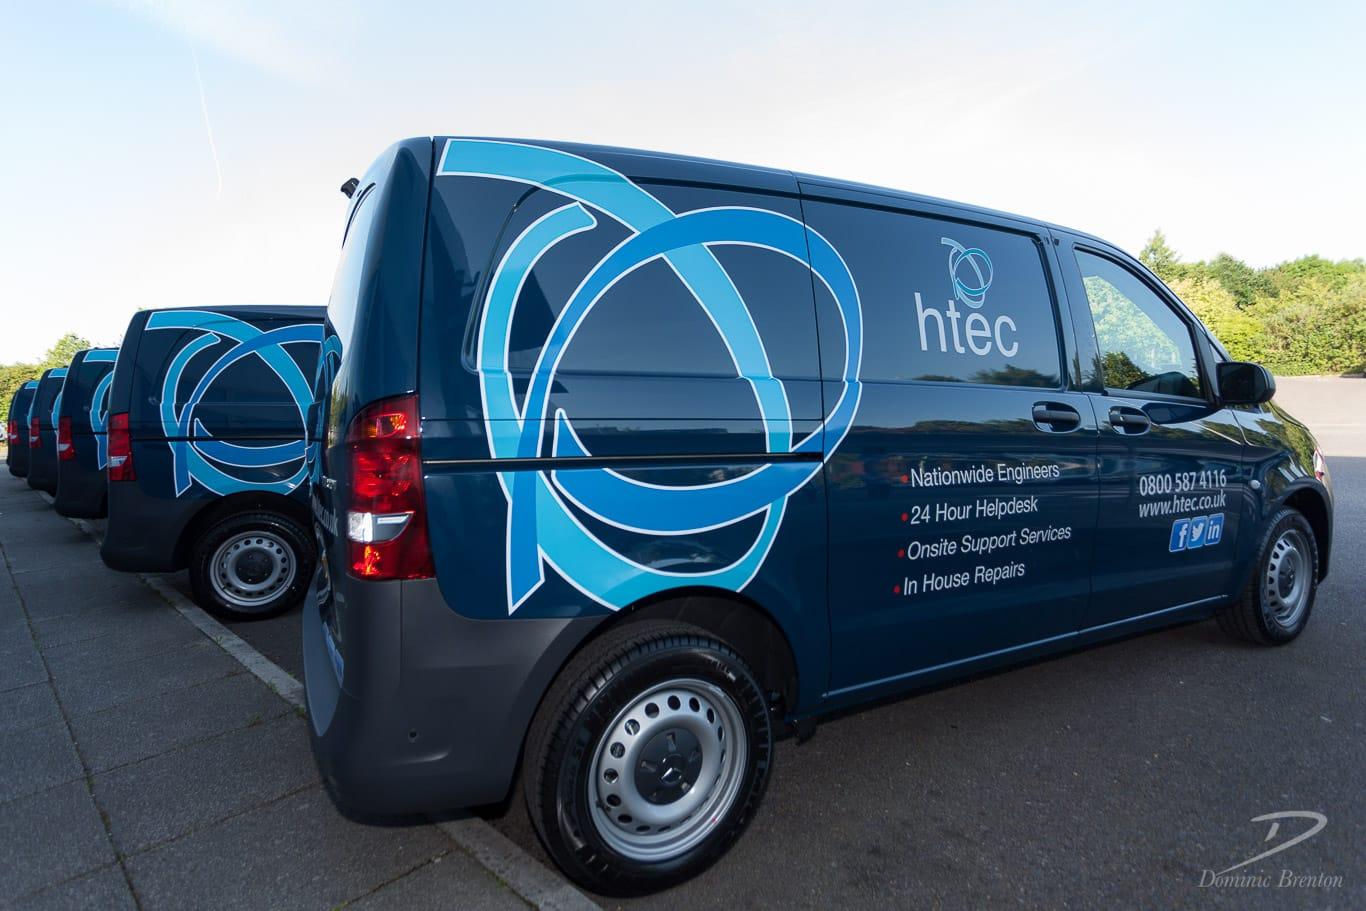 HTEC vans